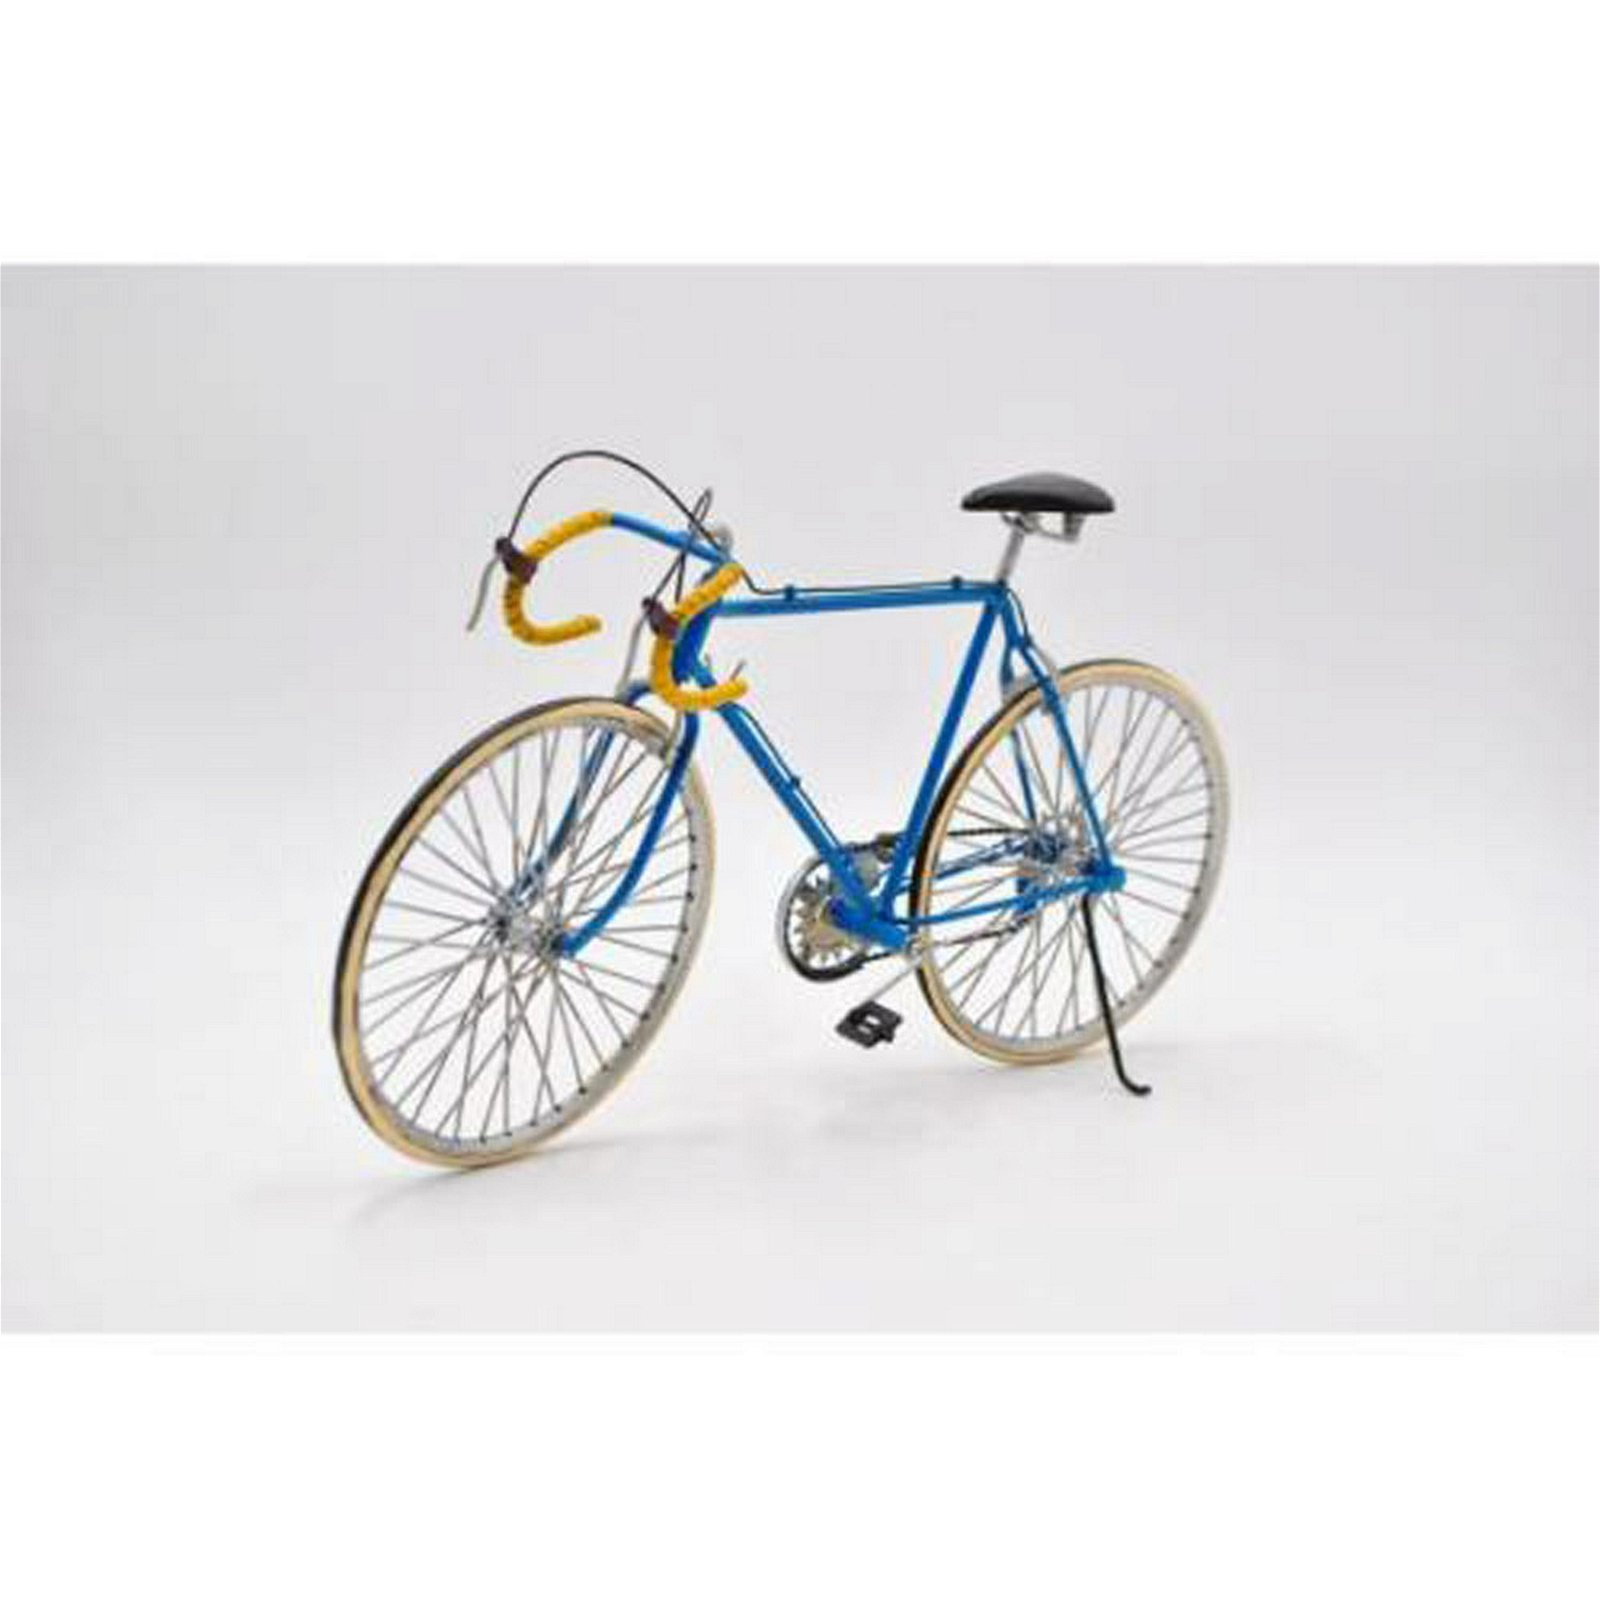 Handmade Metal Bicycle